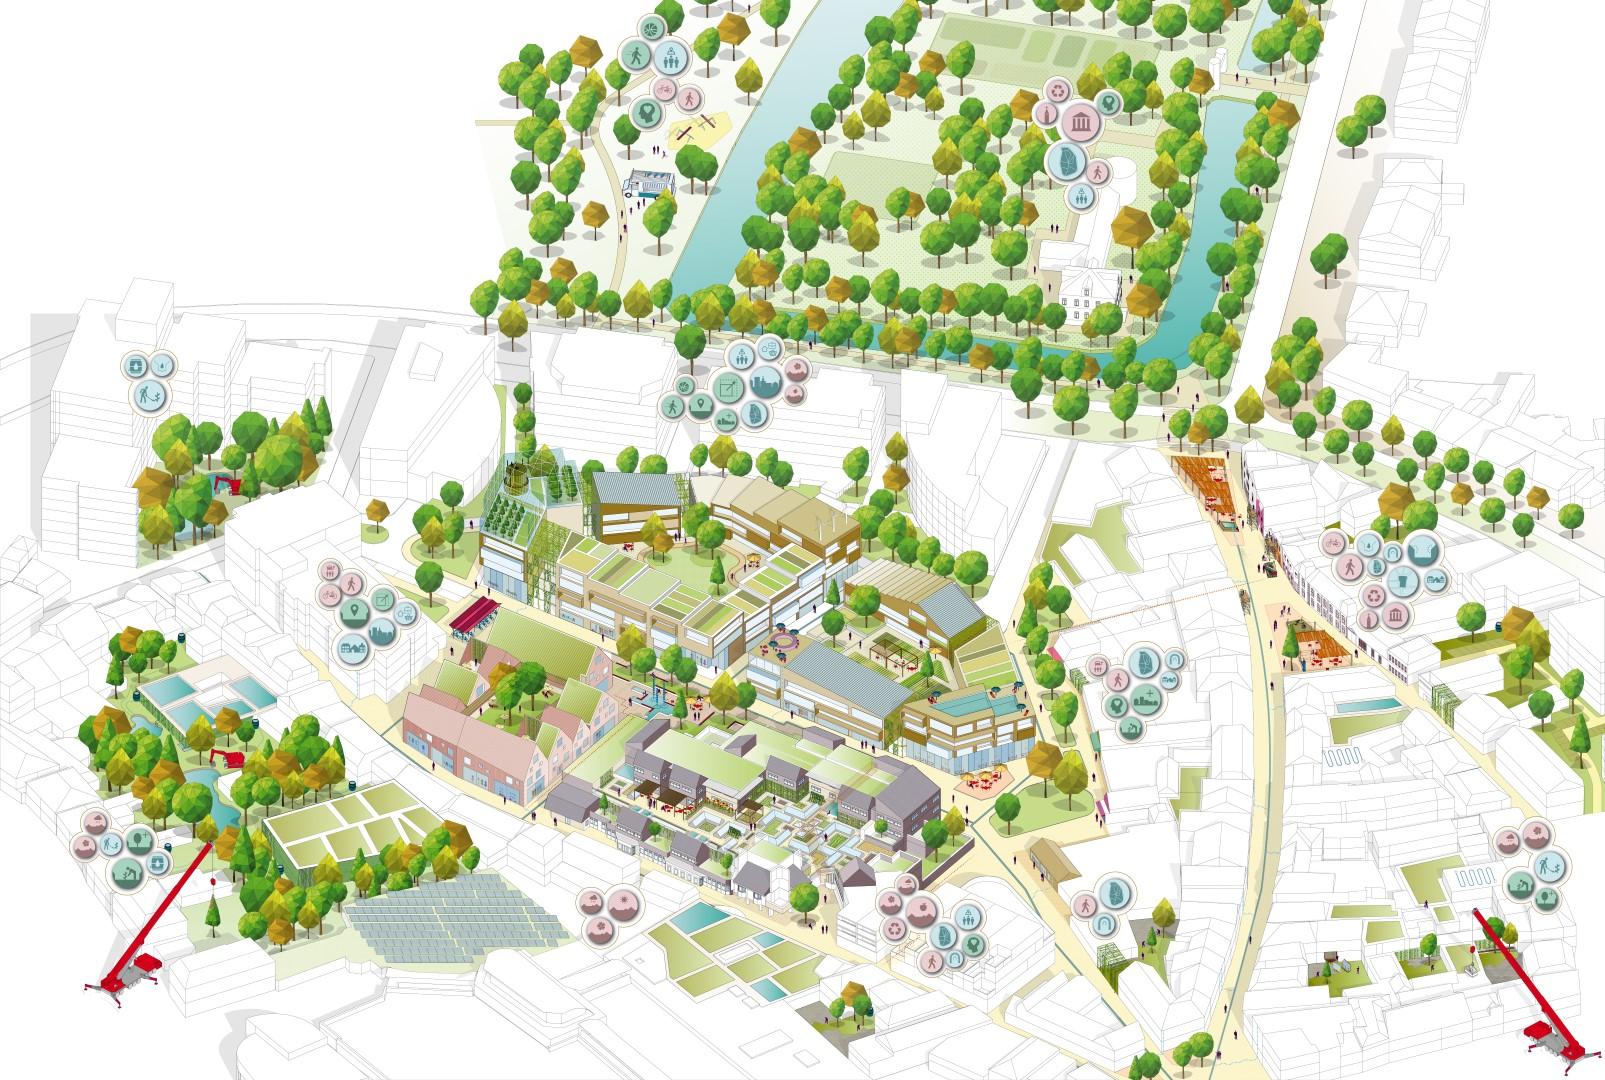 uitwerking van het gebied rondom het voormalige stadhuis, de Oelemarkt en het kasteelpark